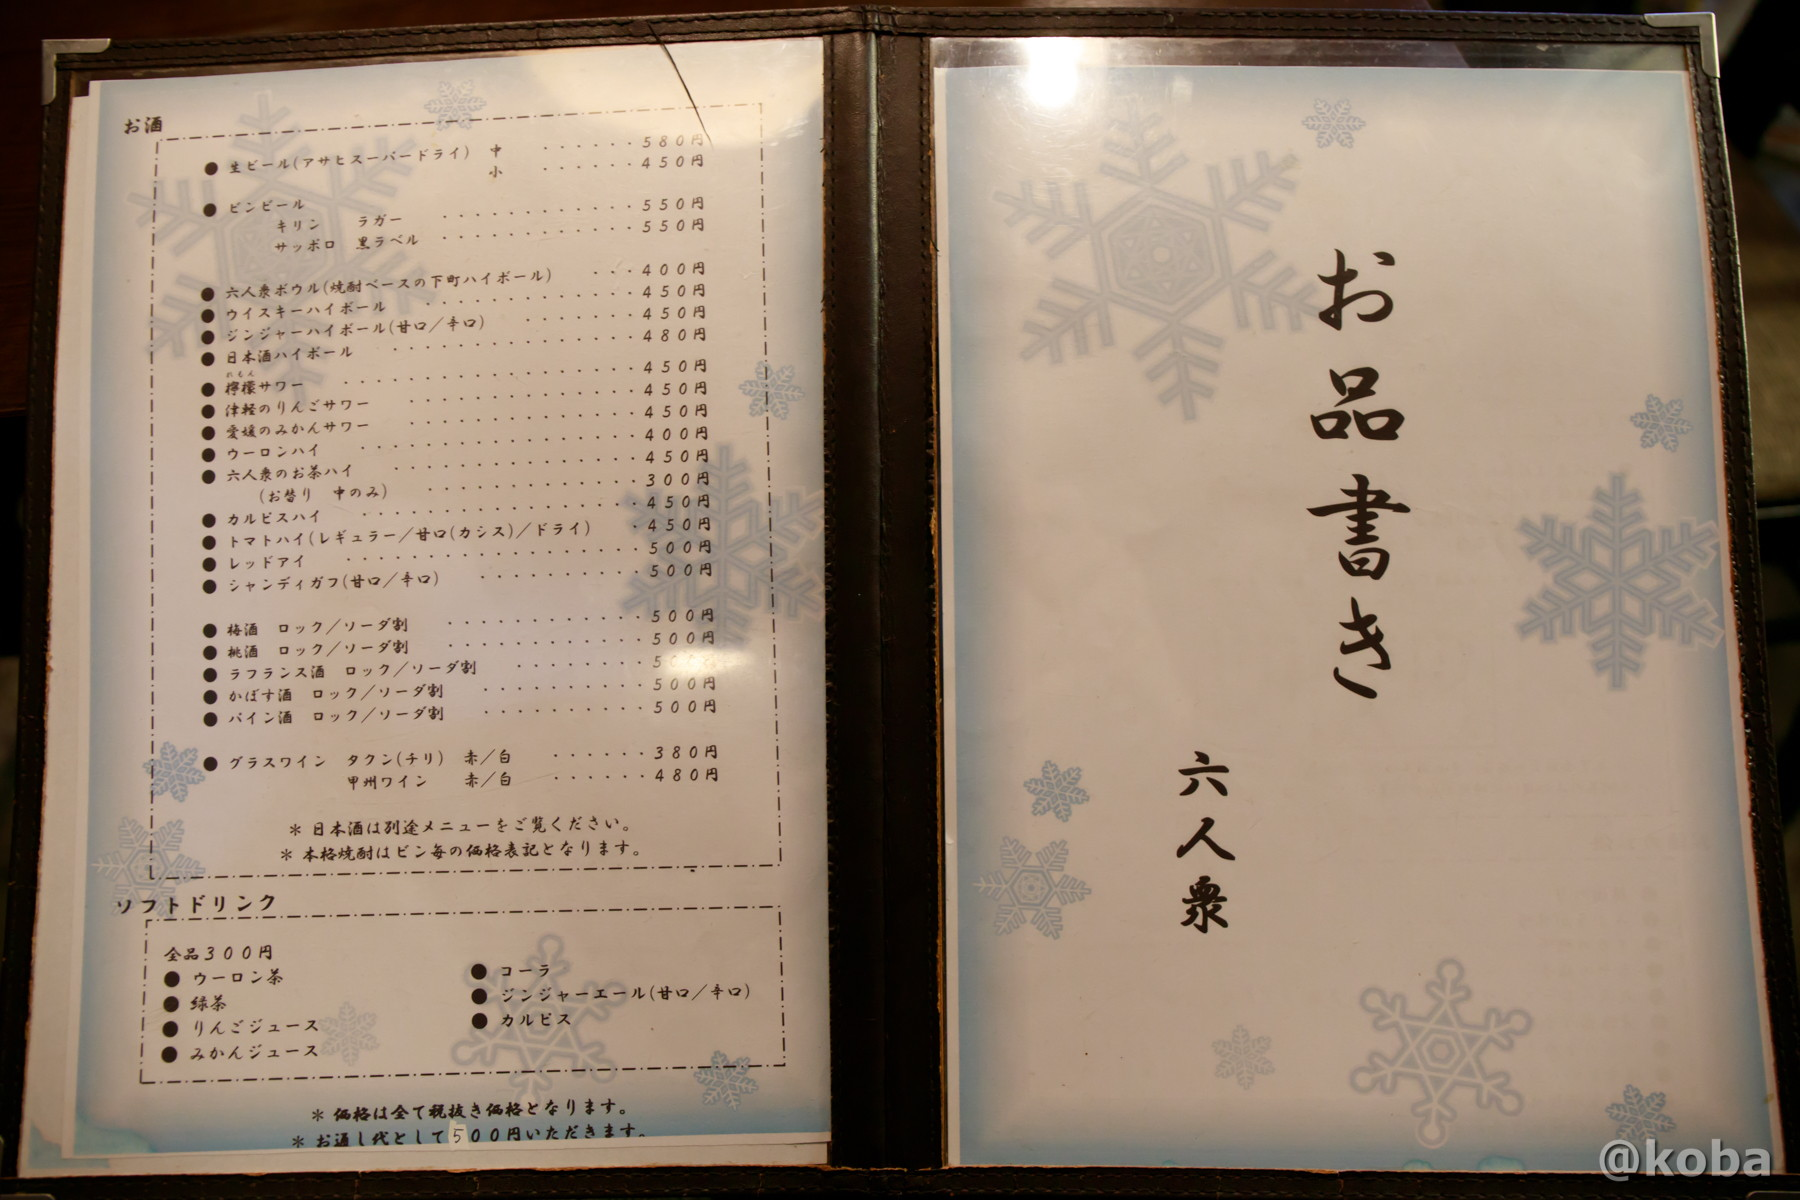 メニューの写真|六人衆(ろくにんしゅう) ROKUNIN SYU 日本酒 居酒屋|東京都江戸川区・小岩